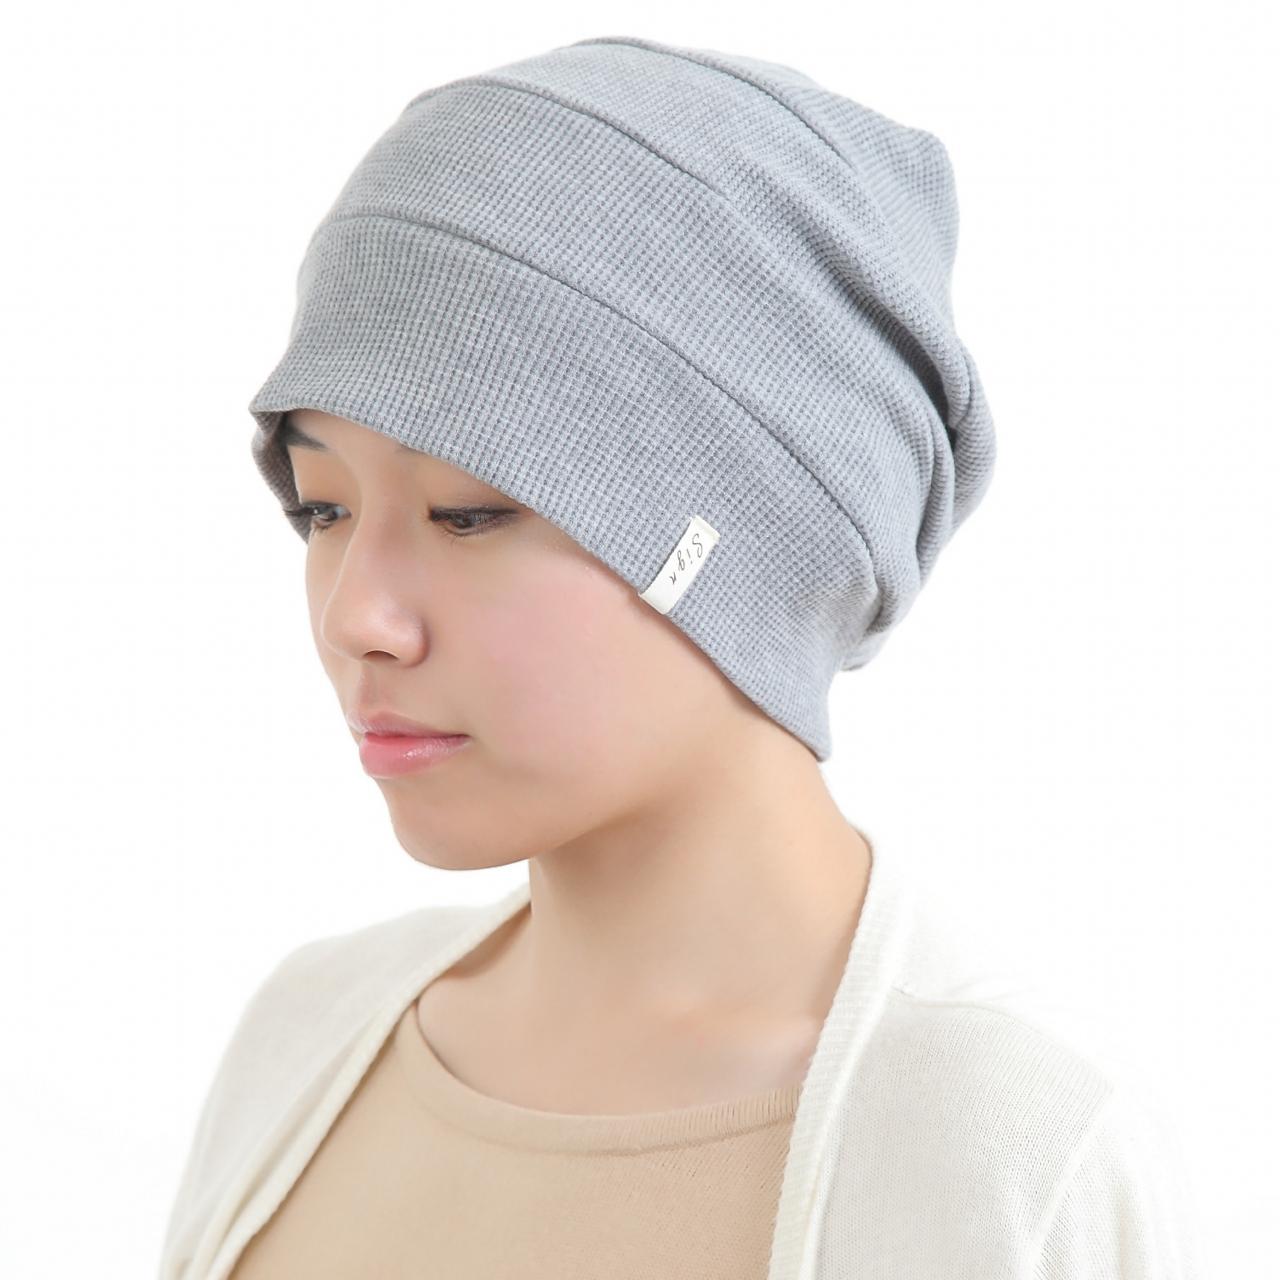 医療用帽子 杢グレーだんだん帽子 2040